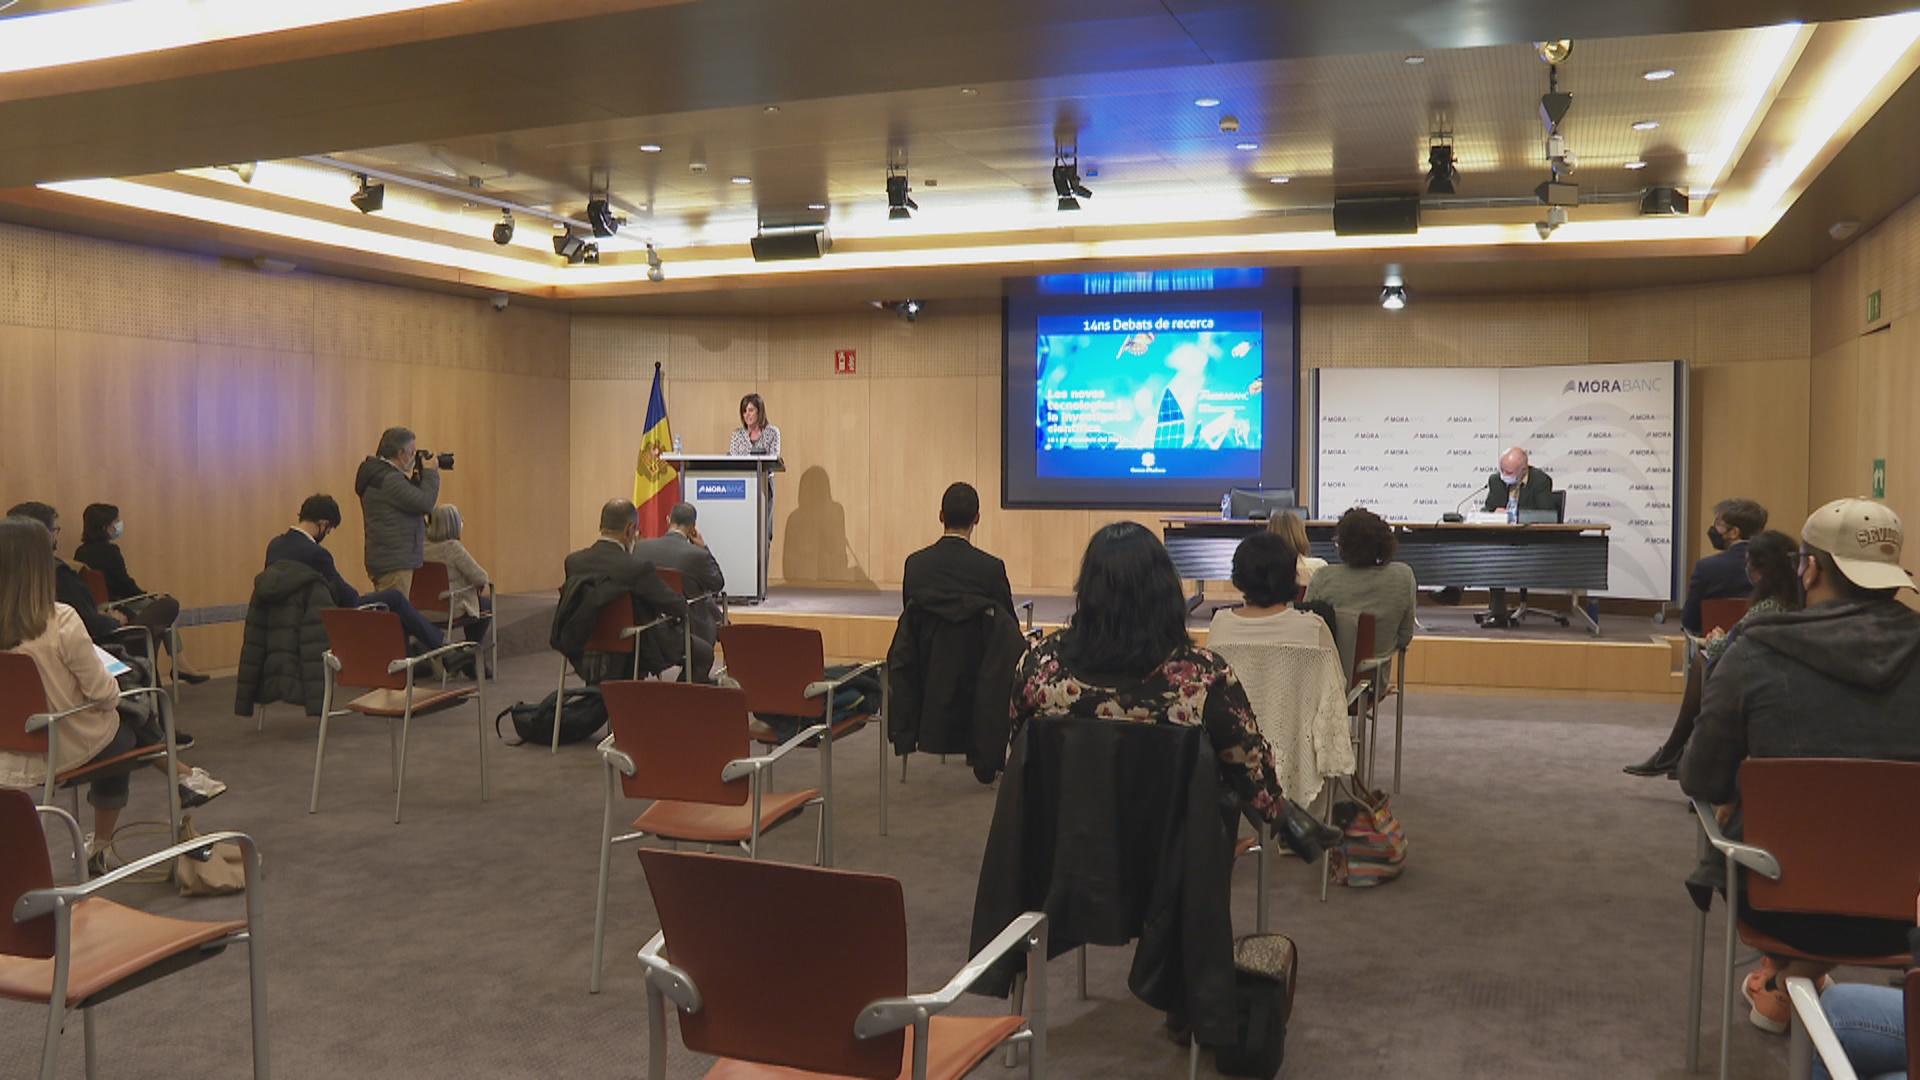 Comencen els catorzens Debats de Recerca amb les noves tecnologies al centre